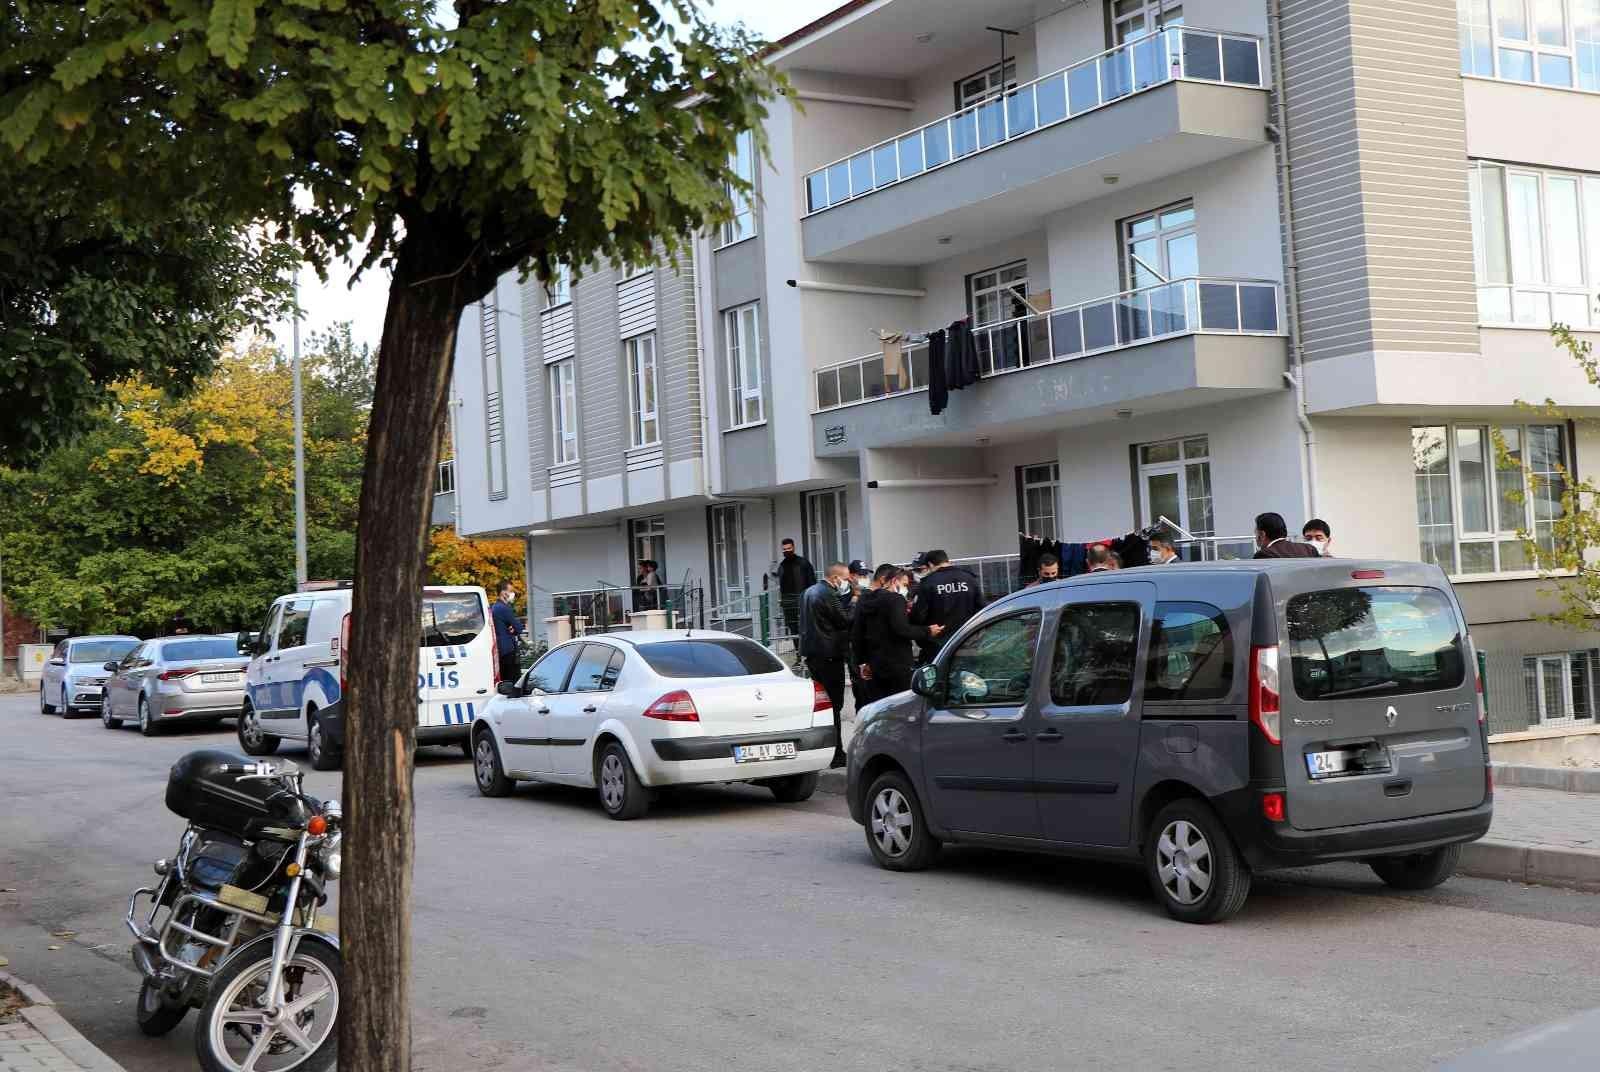 8. sınıf öğrencisi babasının beylik tabancasıyla kendisini vurdu - Erzincan  Haberleri